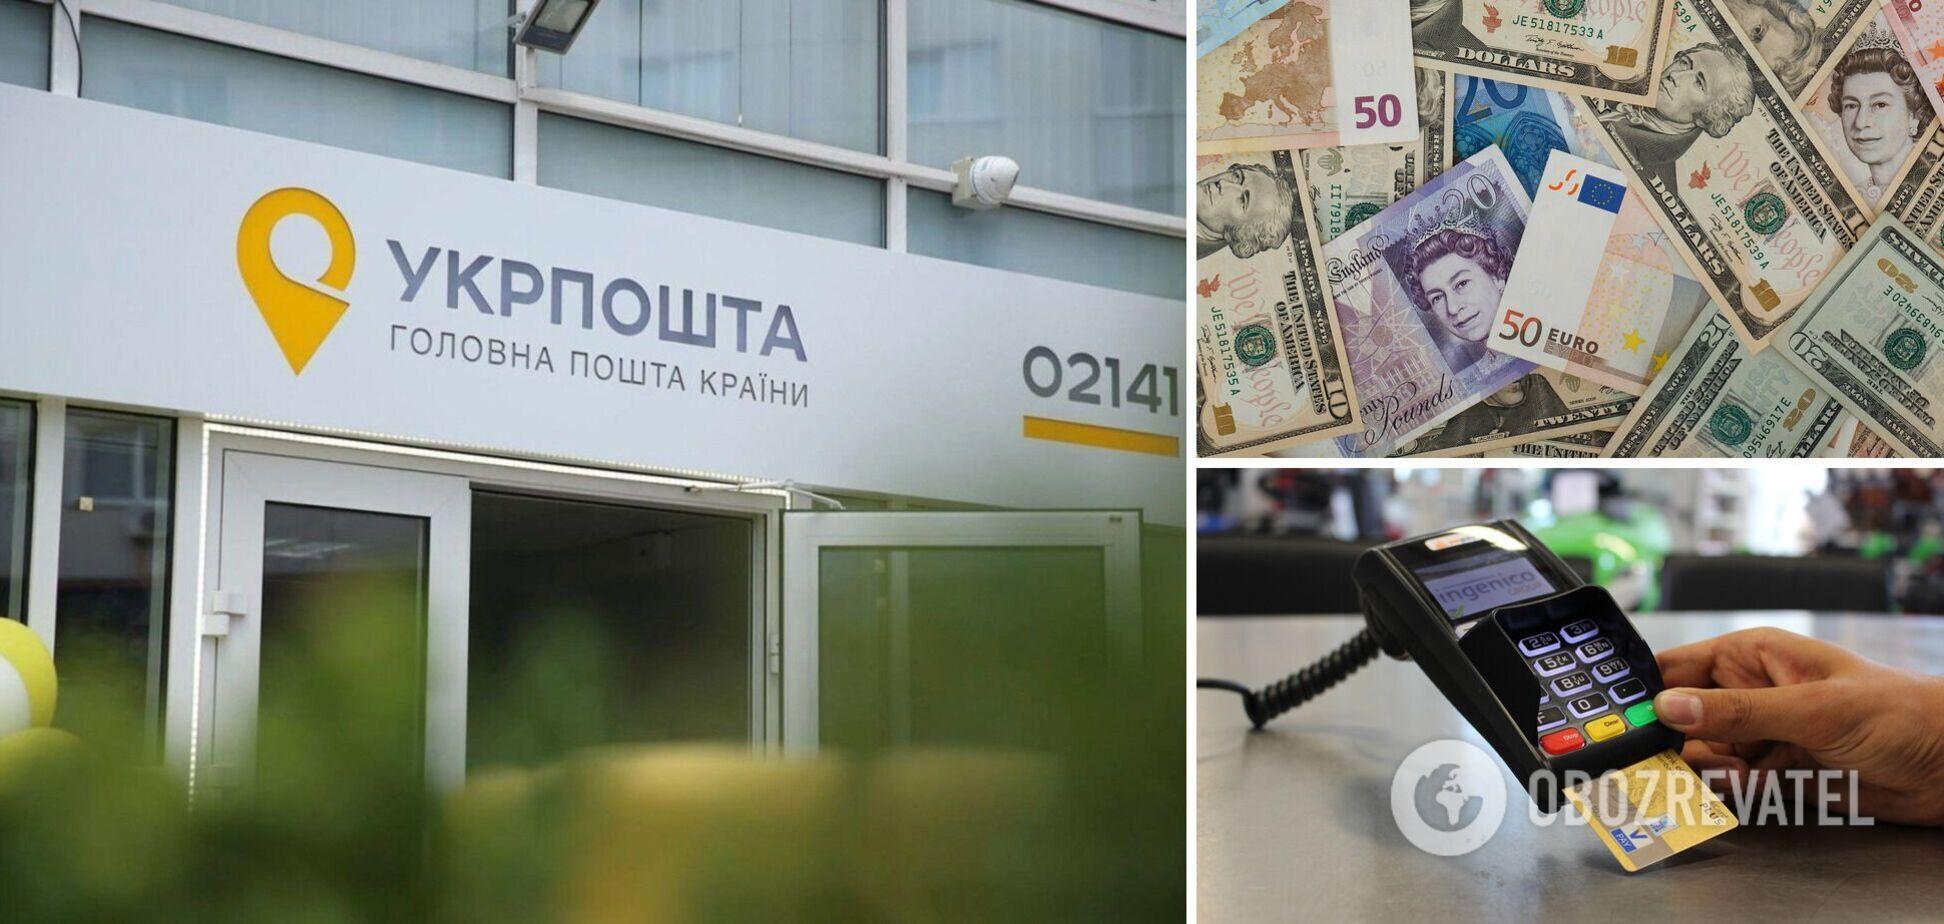 'Укрпочта' установит новую офисную систему за8 млн евро